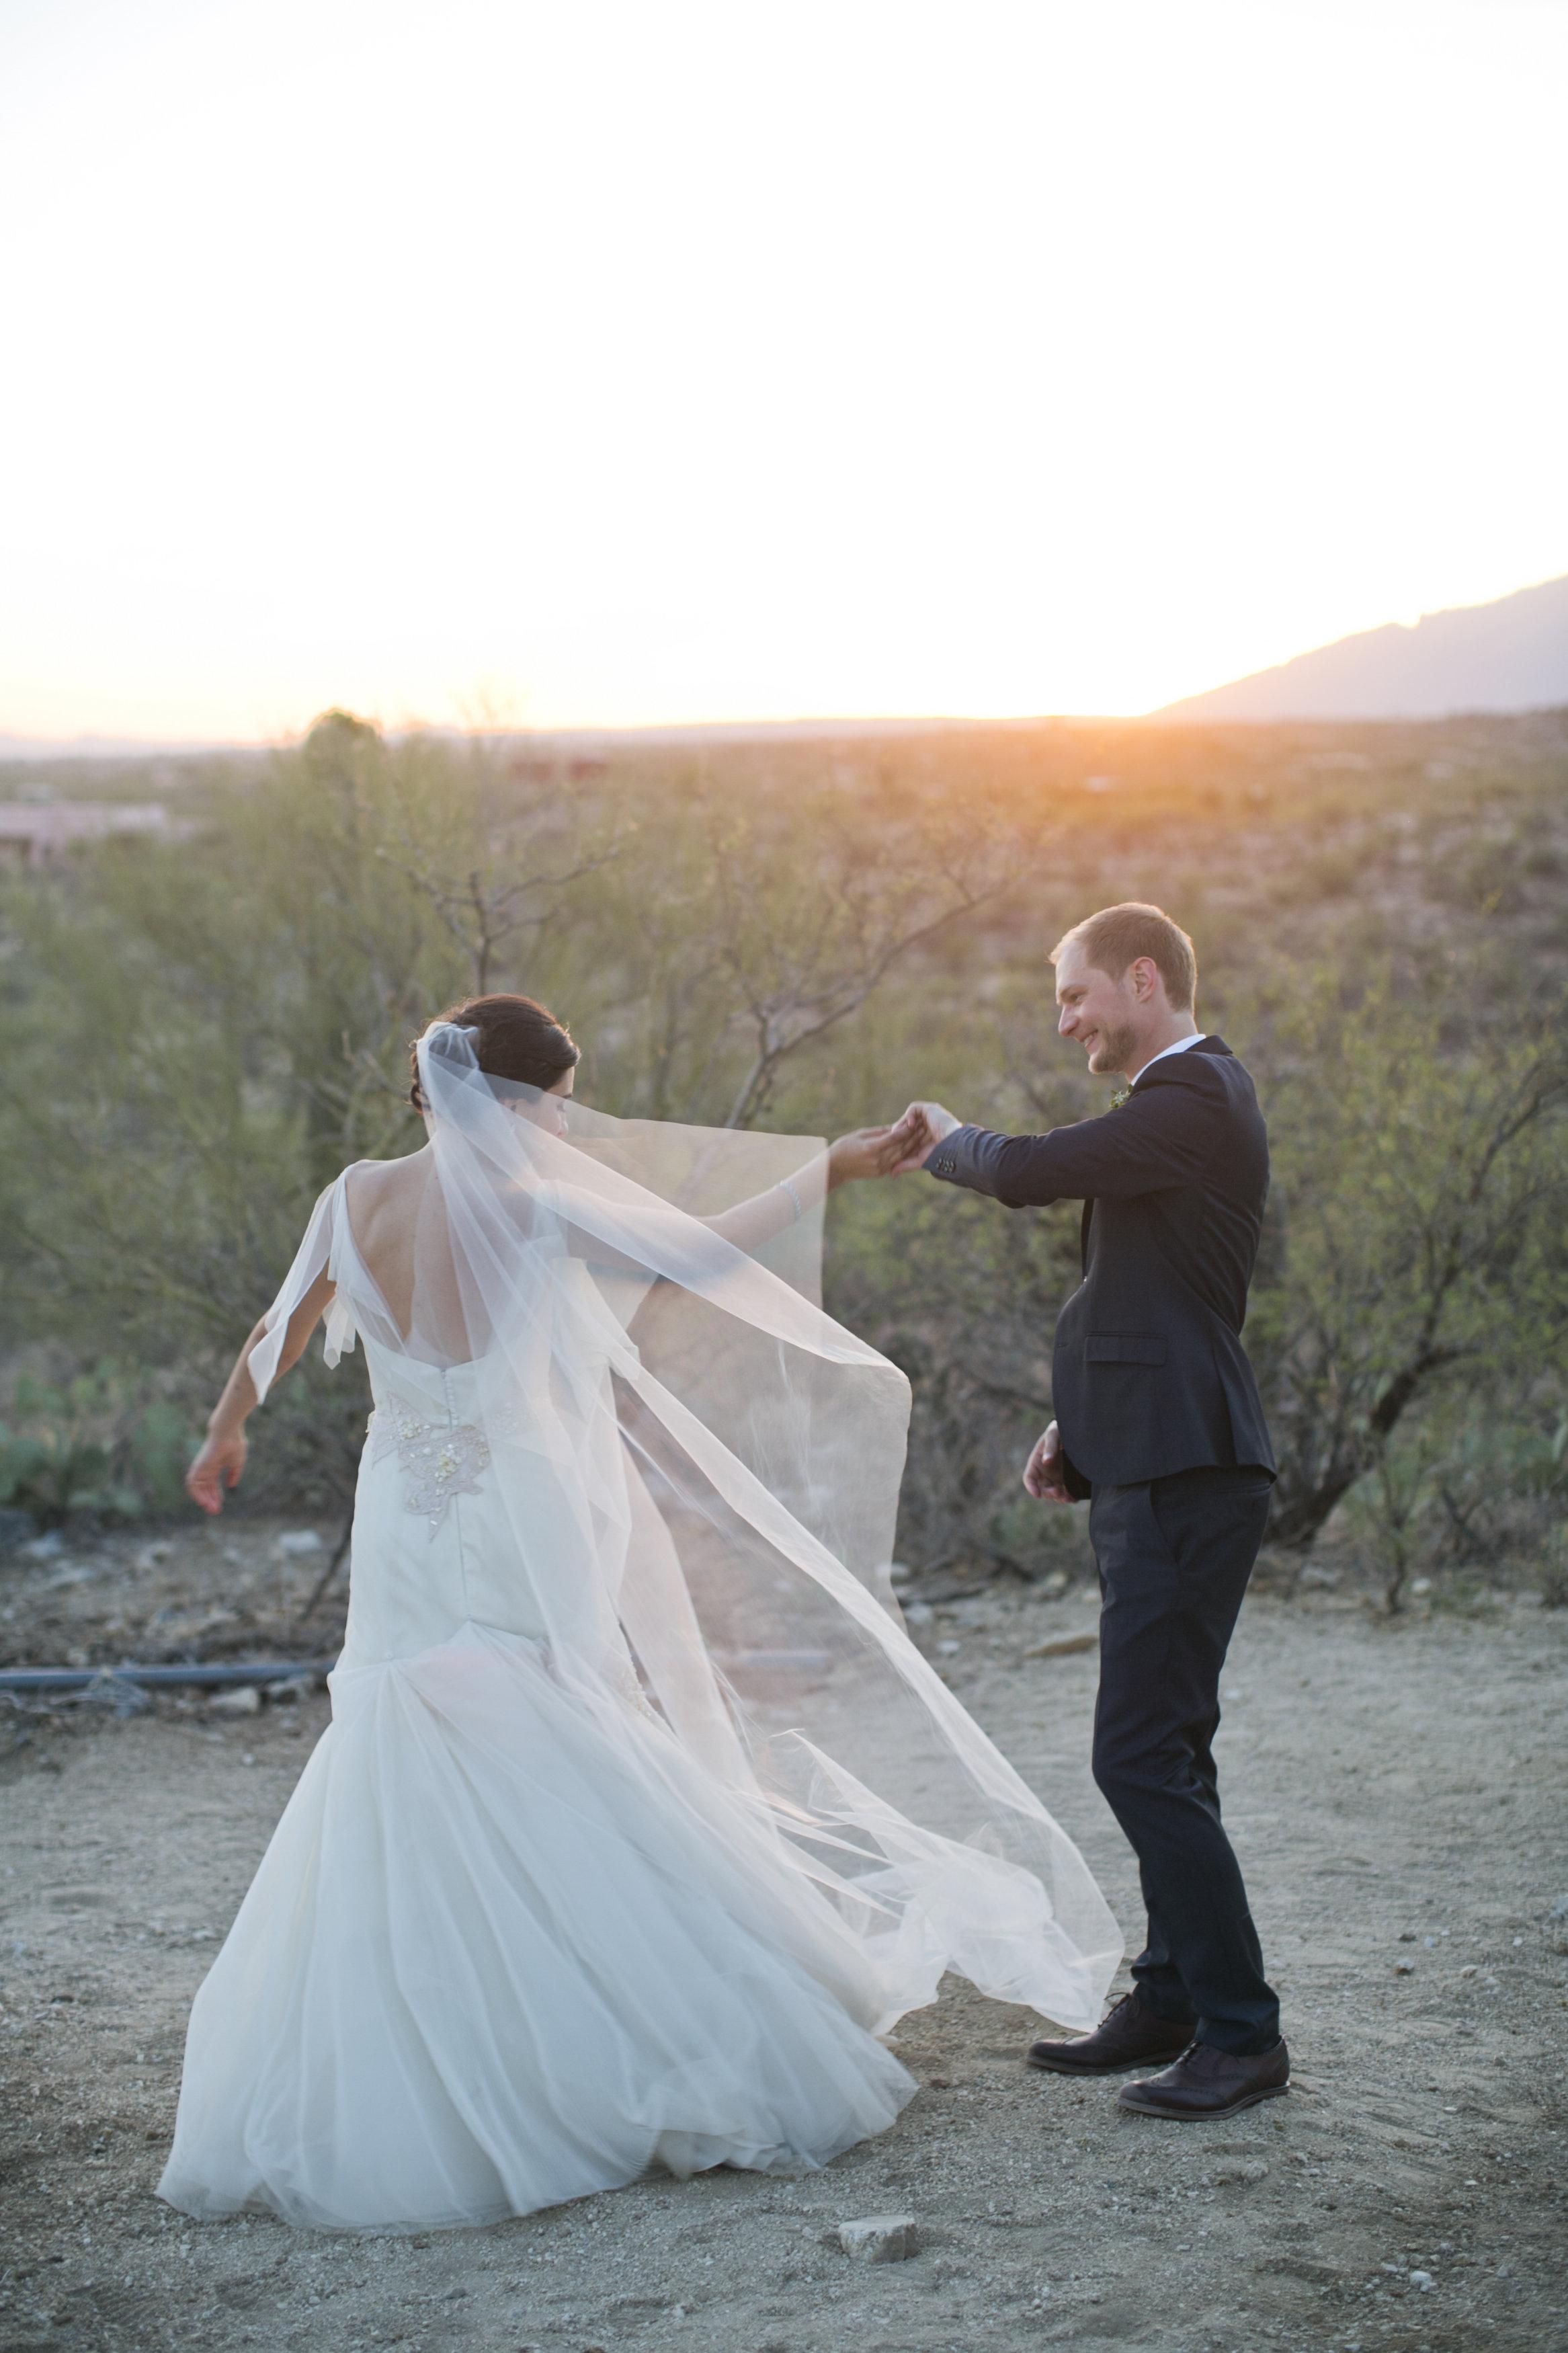 Ceci_New_York_Ceci_Style_Ceci_Johnson_Luxury_Lifestyle_Arizona_Wedding_Watercolor_Inspiration_Design_Custom_Couture_Personalized_Invitations_159.jpg